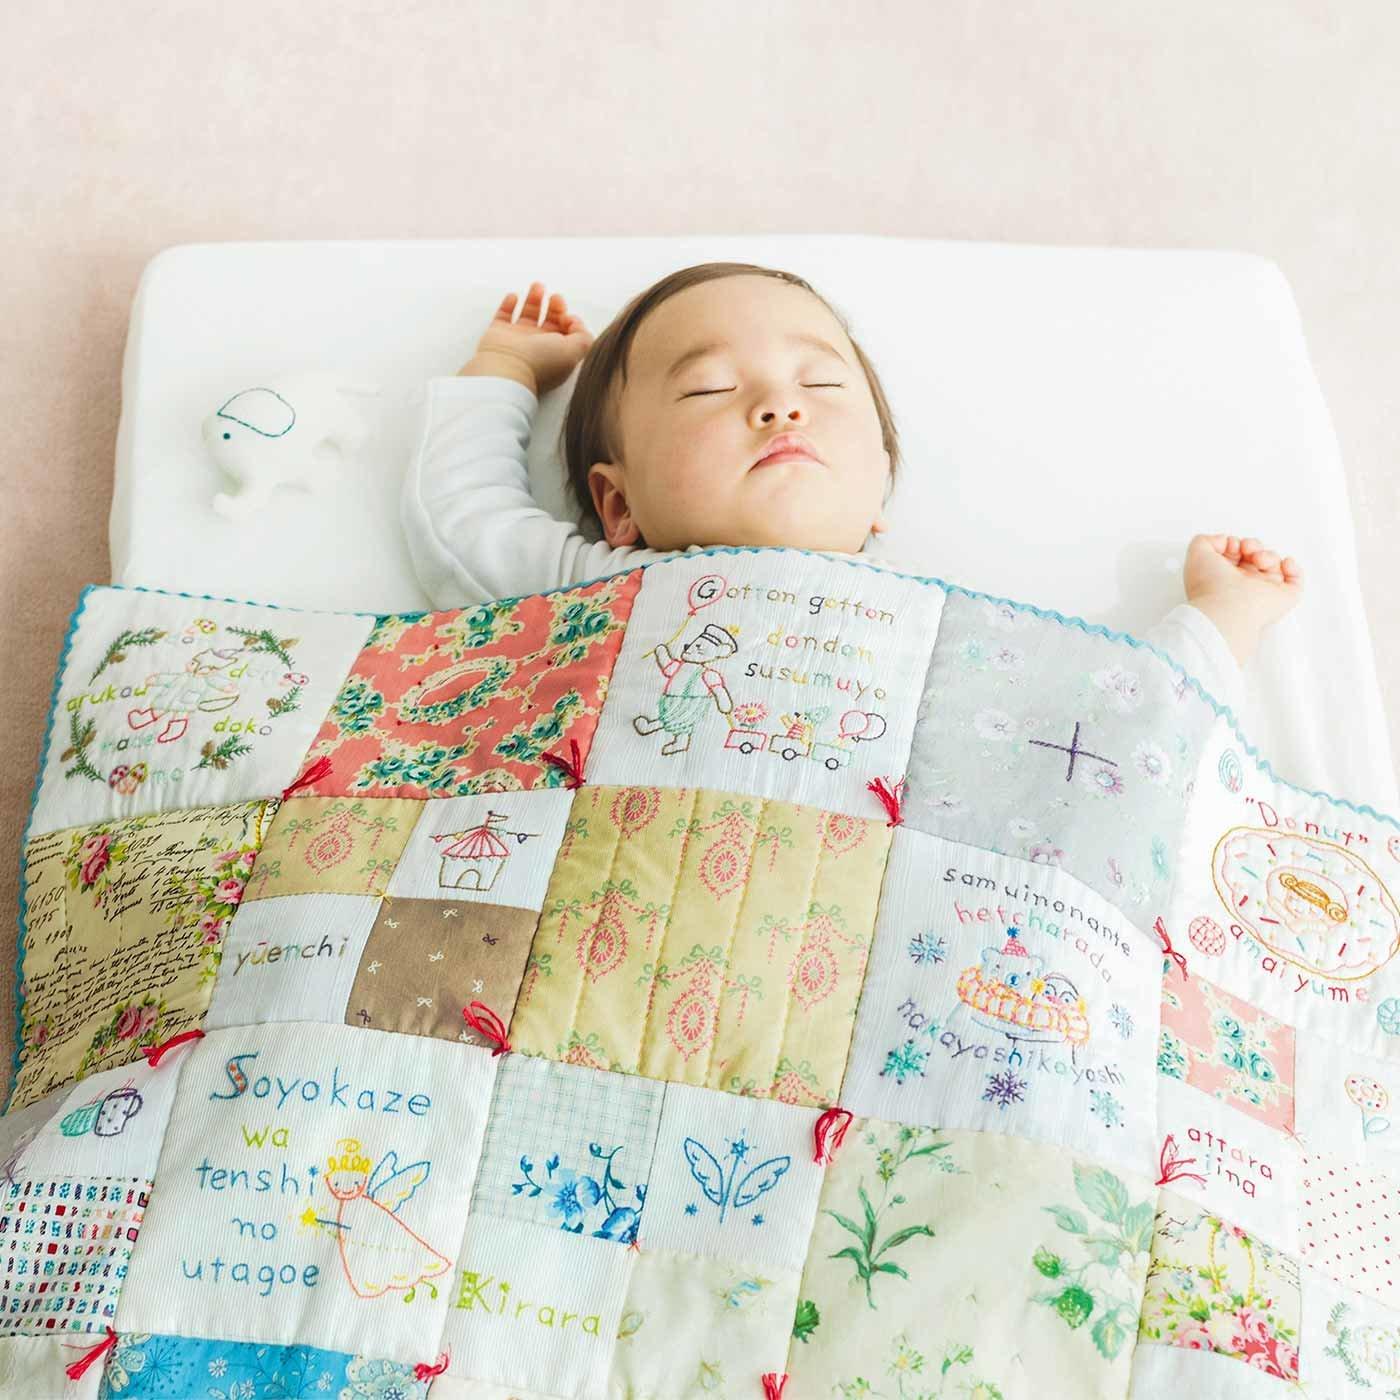 【3回エントリー】天使の寝顔を包む おふとんキルトの会